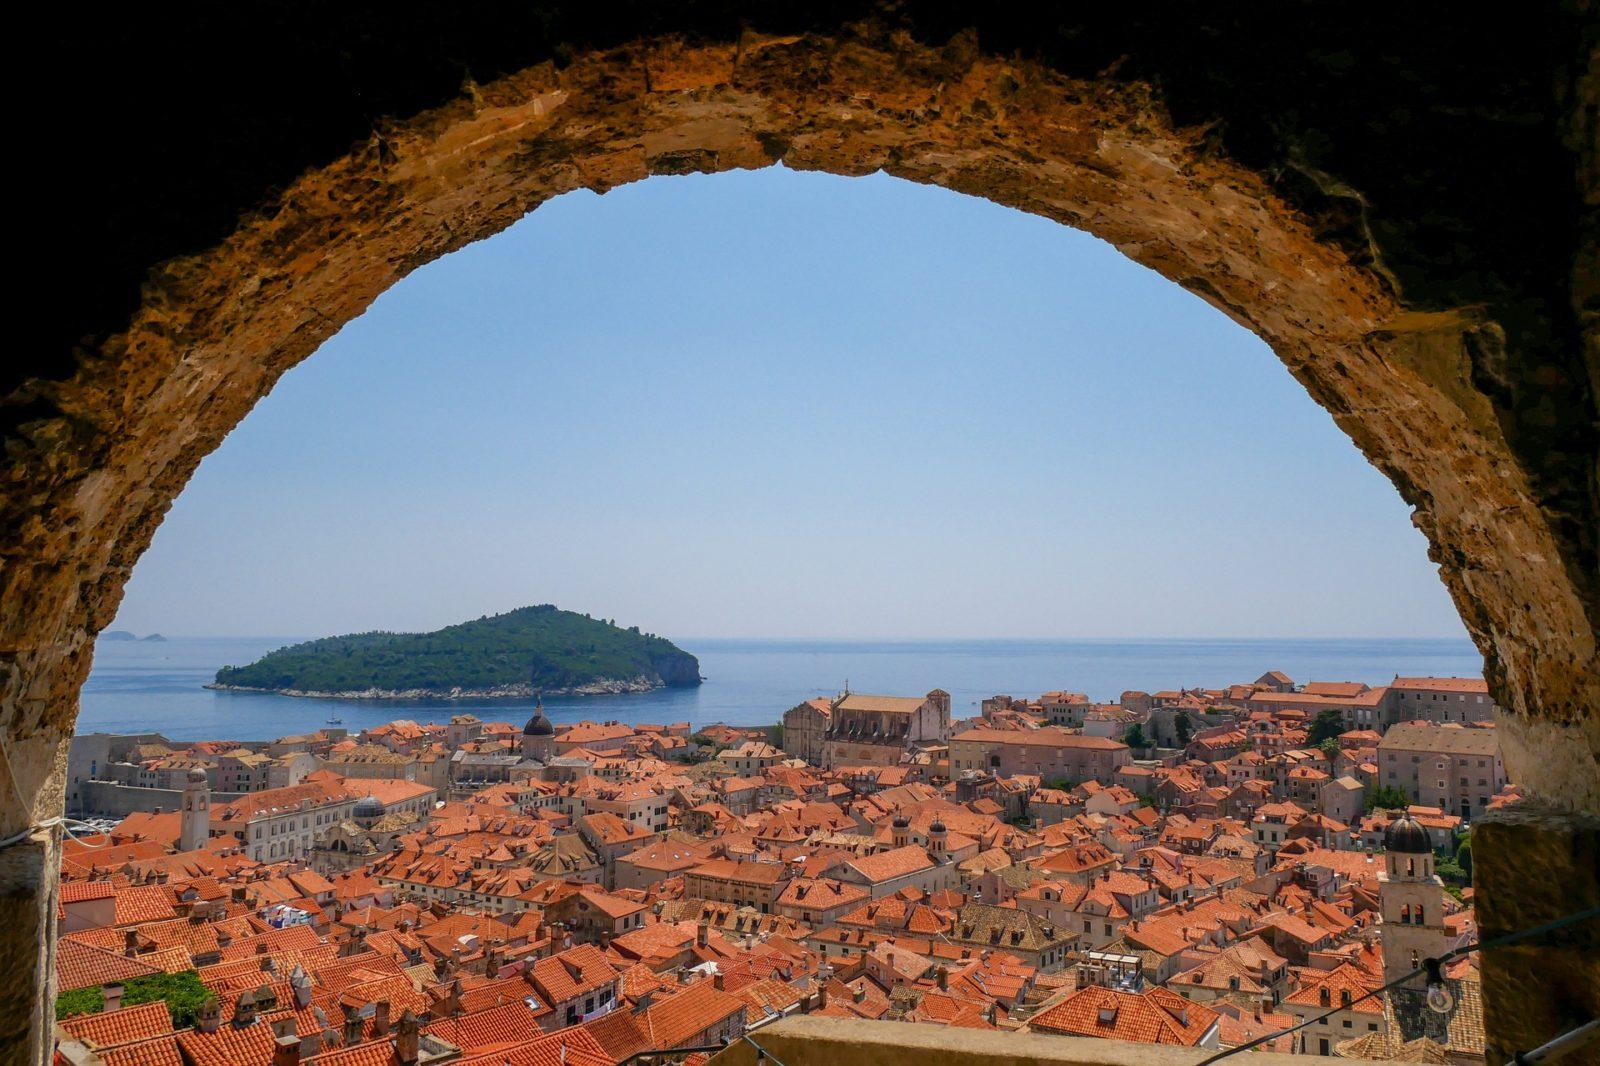 Места из Игры Престолов, Хорватия